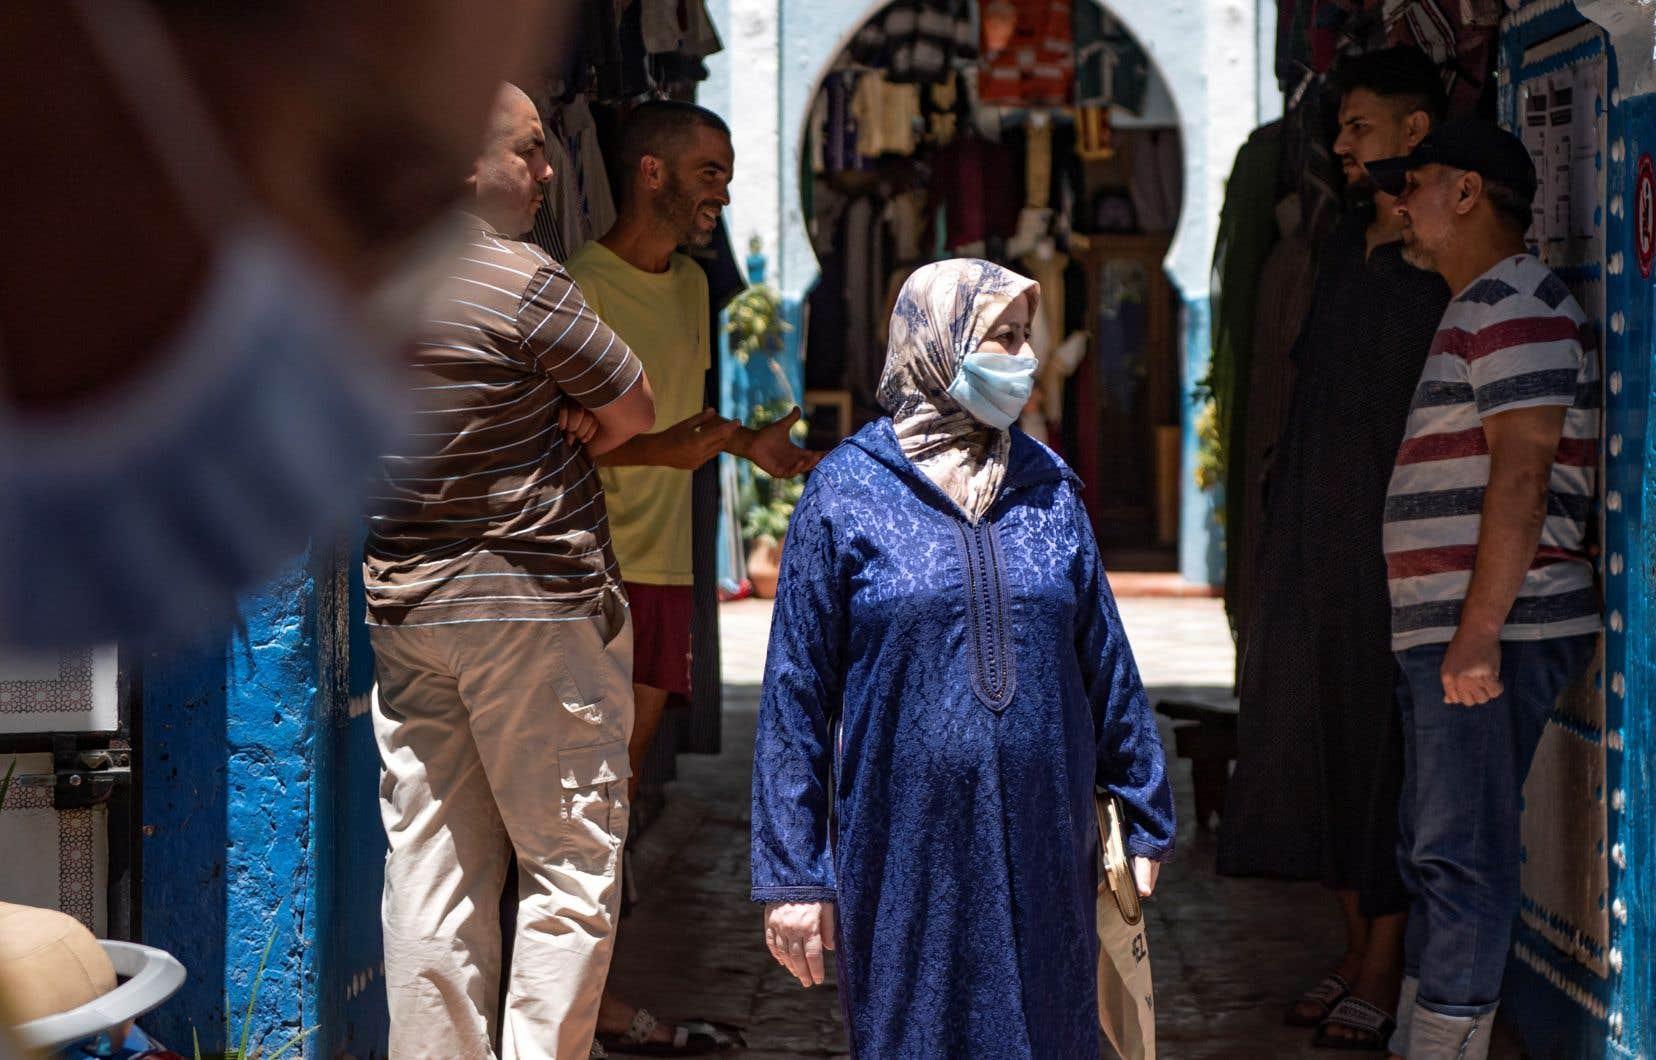 Les boursières marocaines ont constaté que, si beaucoup de choses sont faites par le gouvernement pour l'égalité des genres, il reste néanmoins un écart à combler entre les lois existantes et leur application sur le terrain.